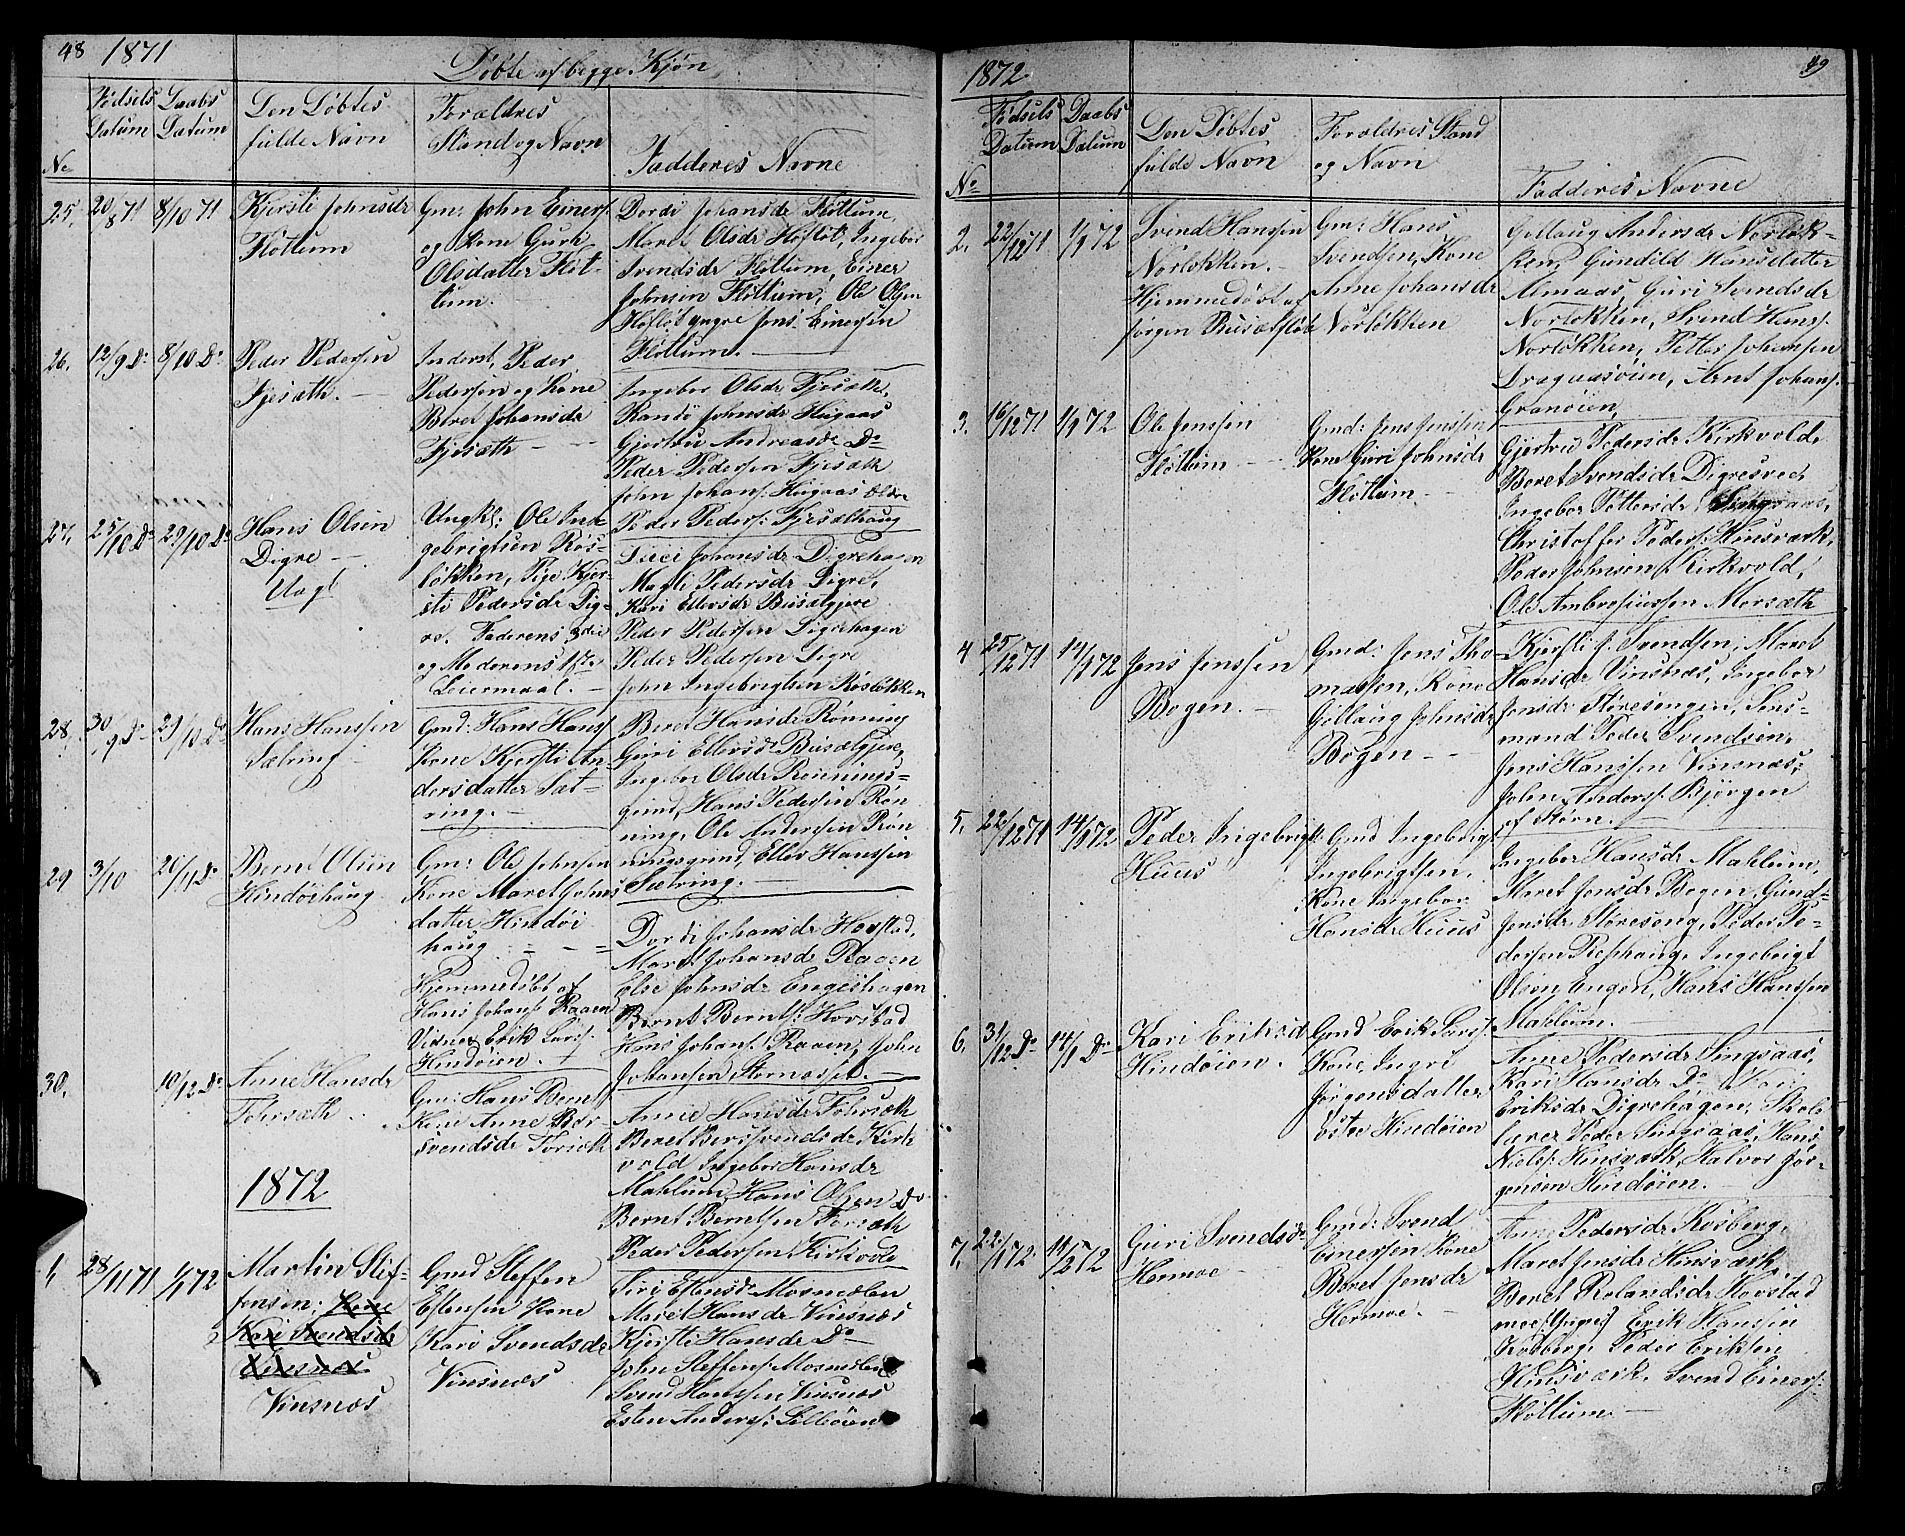 SAT, Ministerialprotokoller, klokkerbøker og fødselsregistre - Sør-Trøndelag, 688/L1027: Klokkerbok nr. 688C02, 1861-1889, s. 48-49